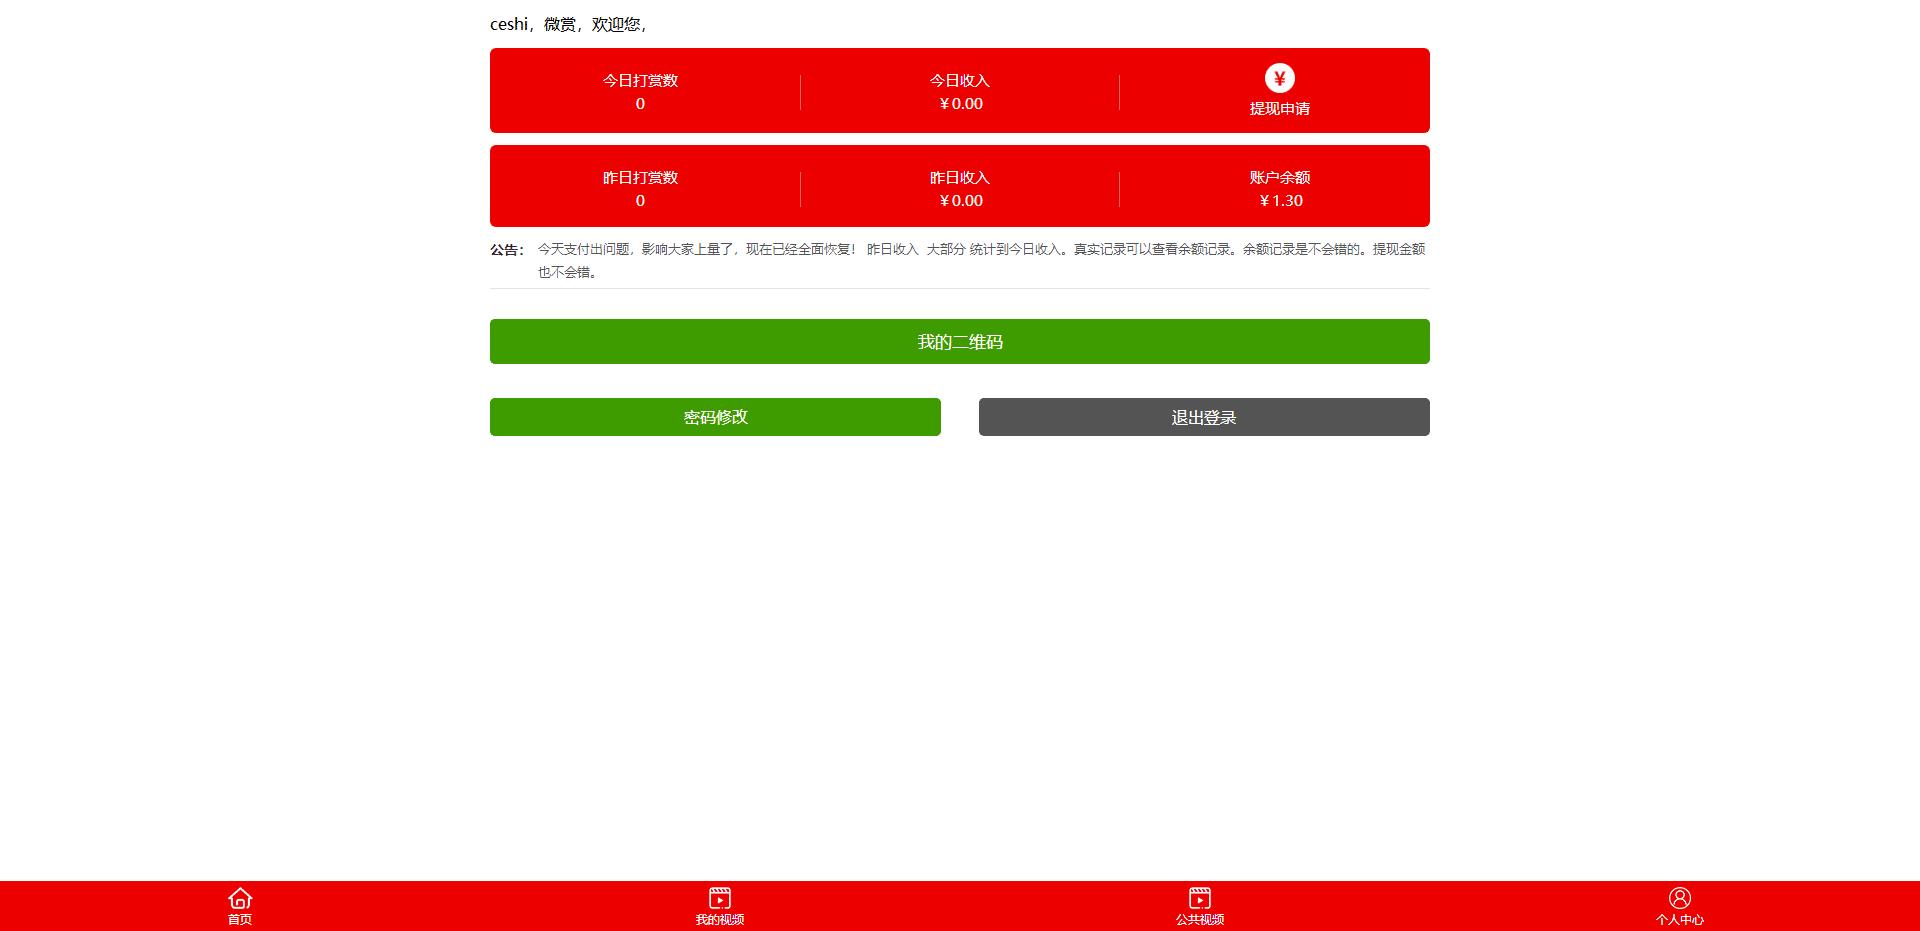 视频打赏源码接好全新极速云支付-云赏终结版全新酒馆UIV8.1及8.5带已购和包天功能